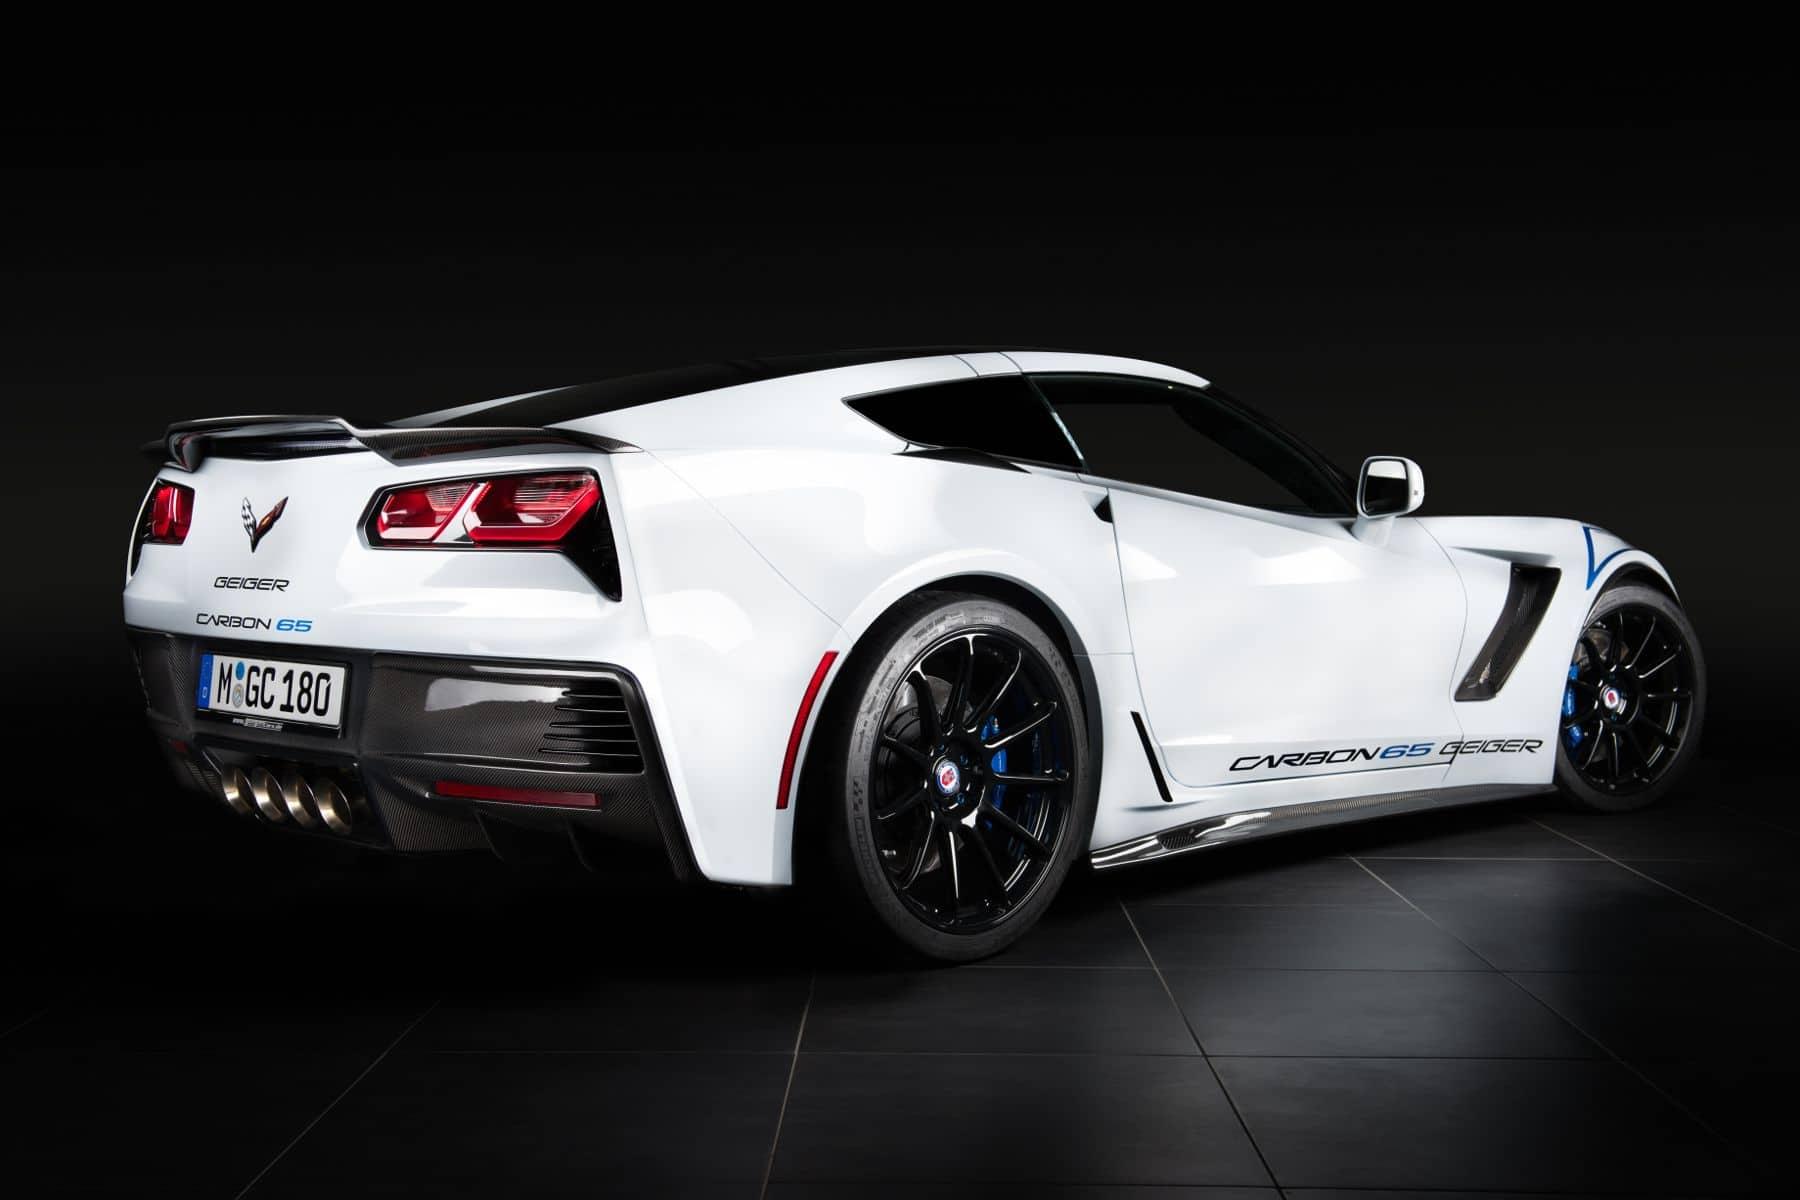 Corvette Z06 Geiger Carbon 65 Edition